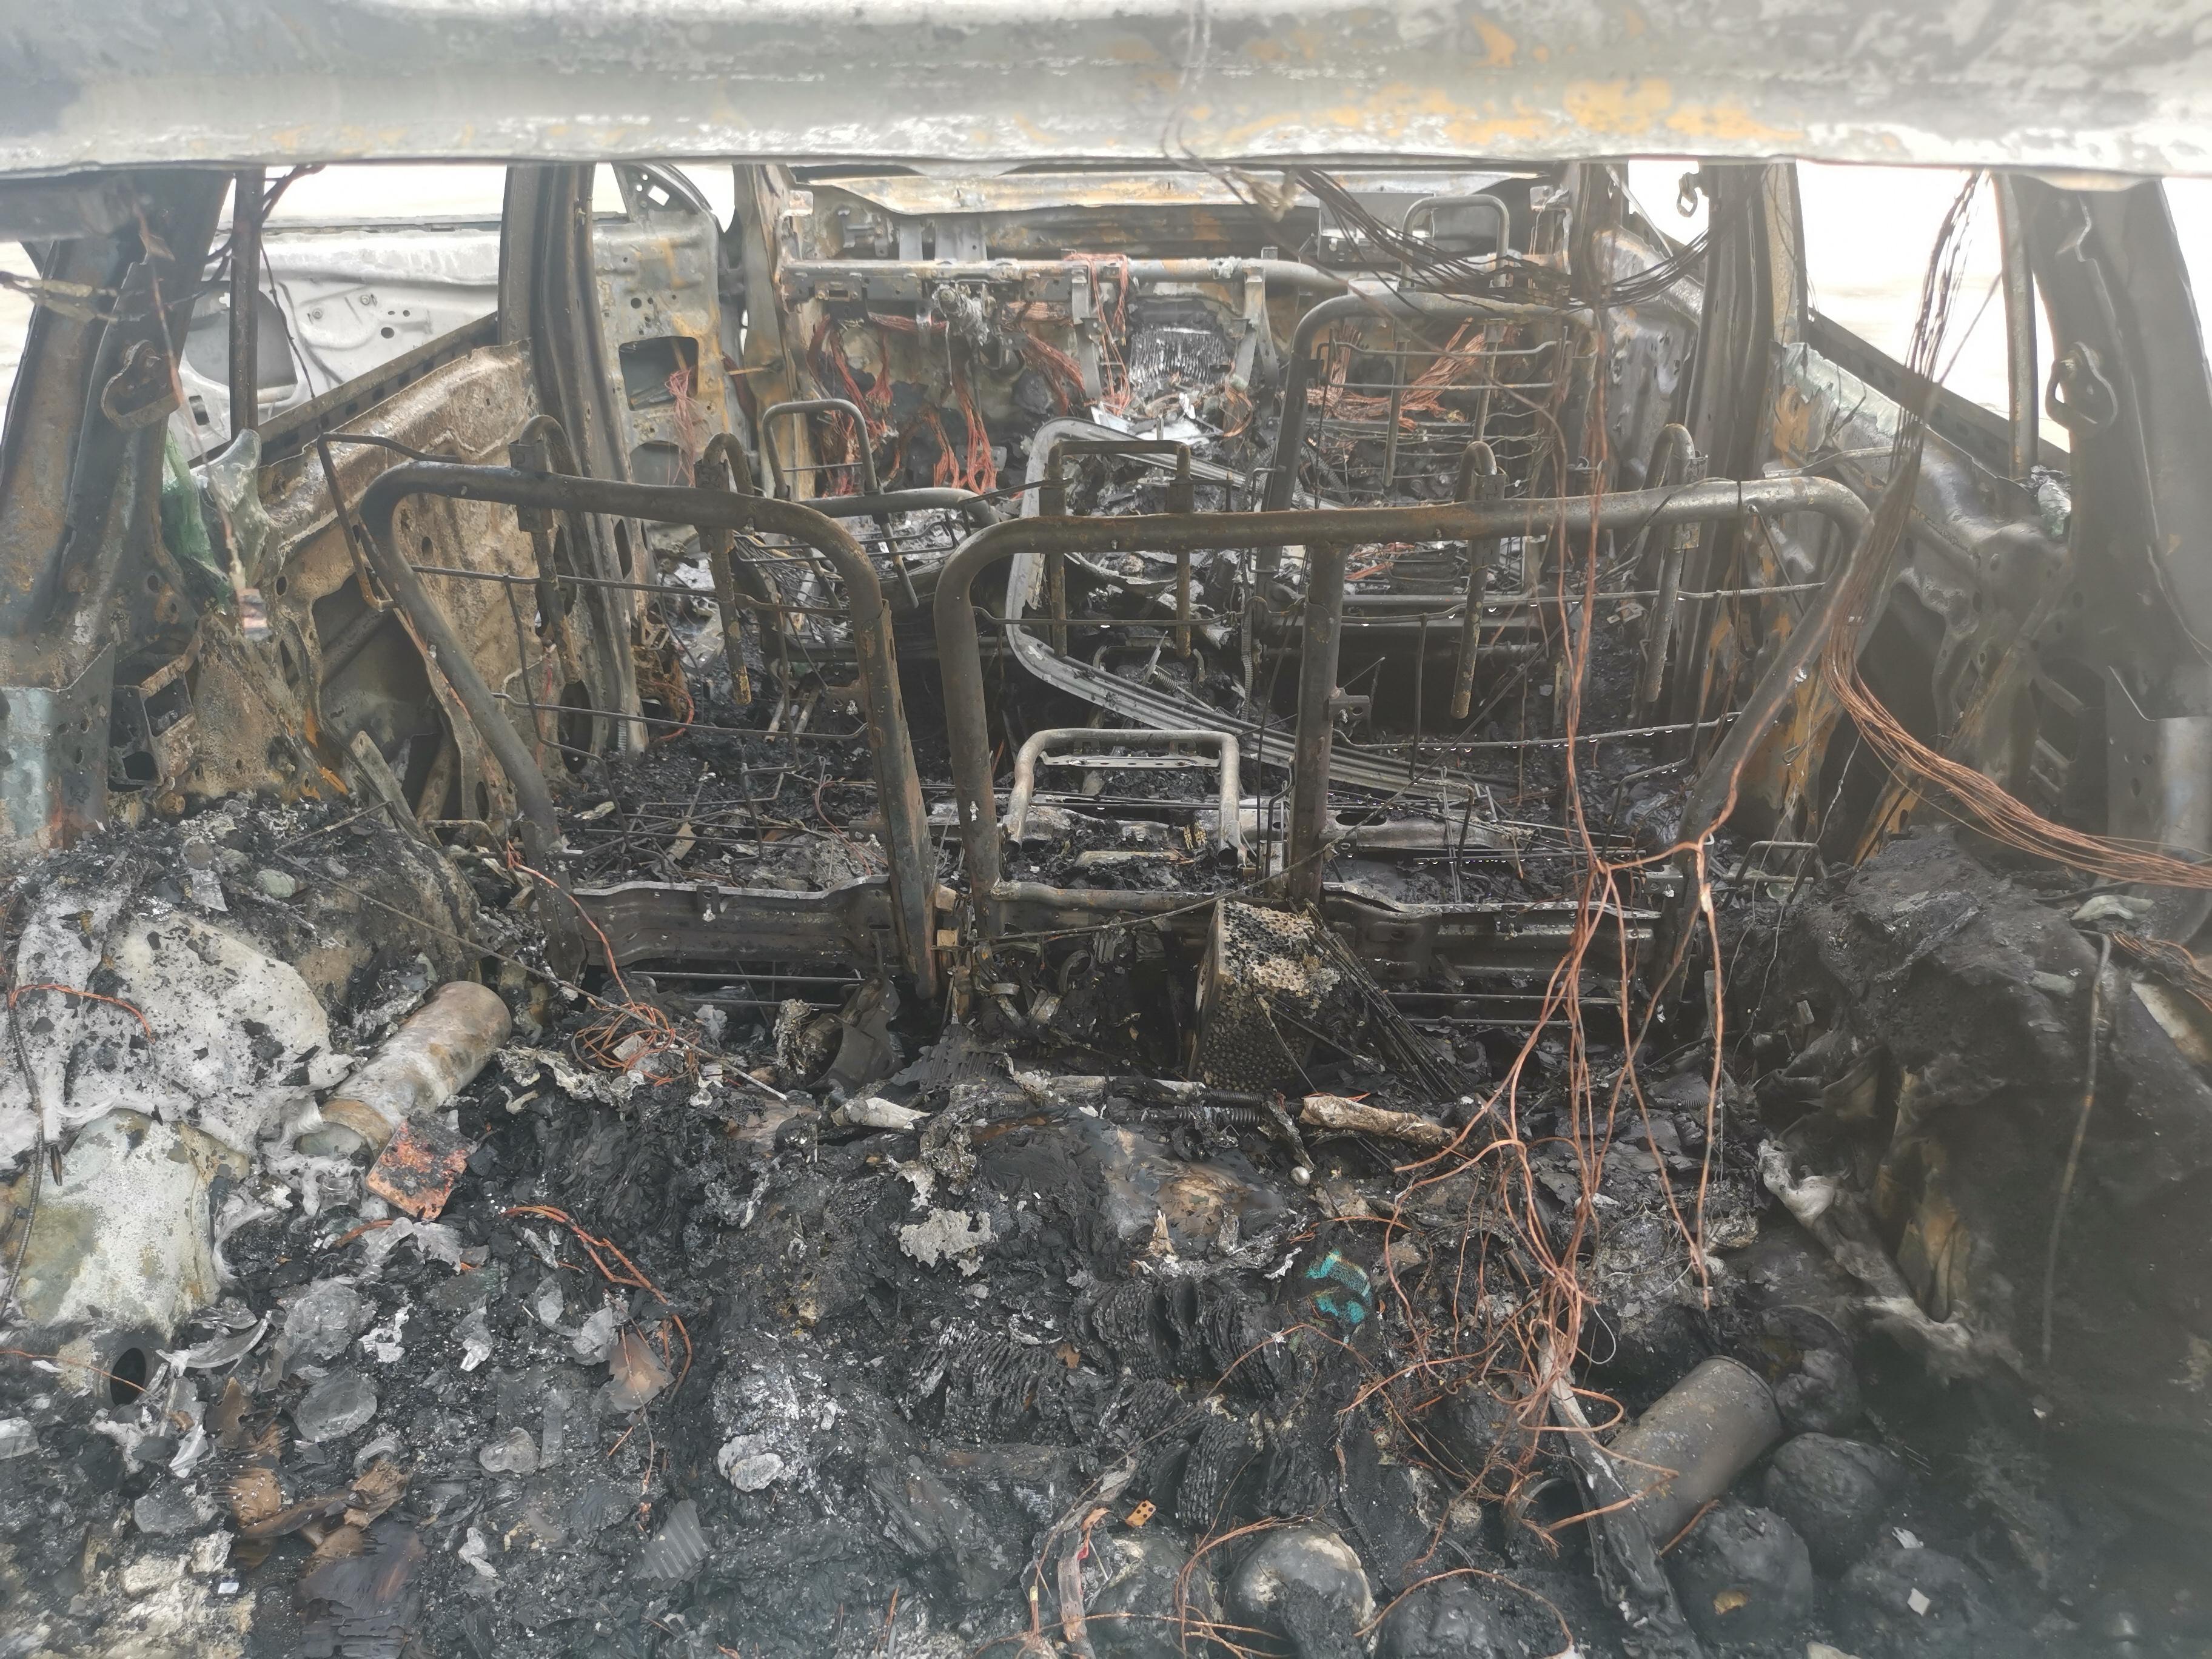 斯巴鲁-傲虎 电动座椅着火自燃